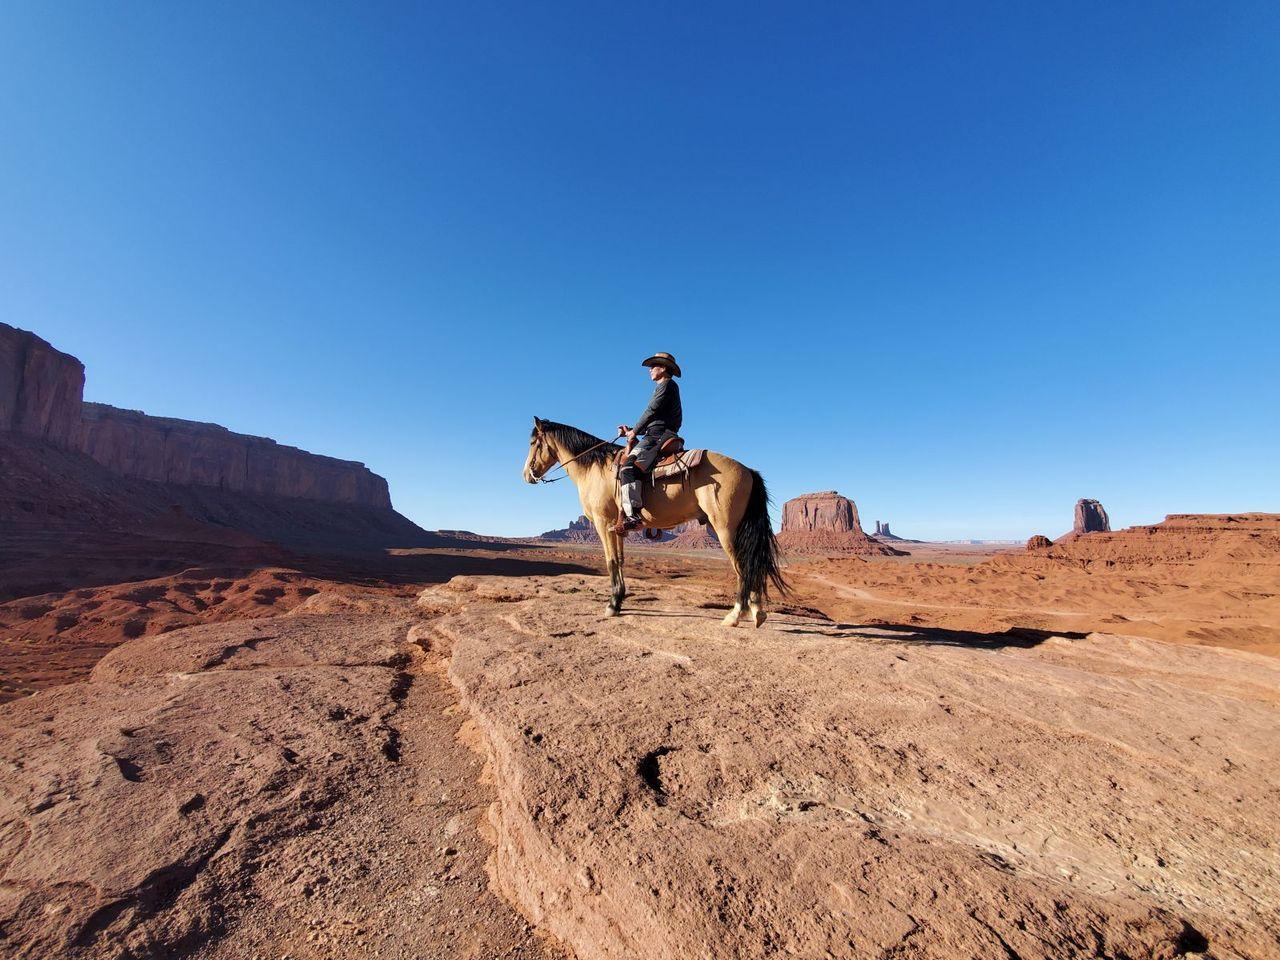 喜歡研究地質結晶的劉榮森,每到一處旅行,會細心觀察大地的肌理紋路,享受旅行也享受...